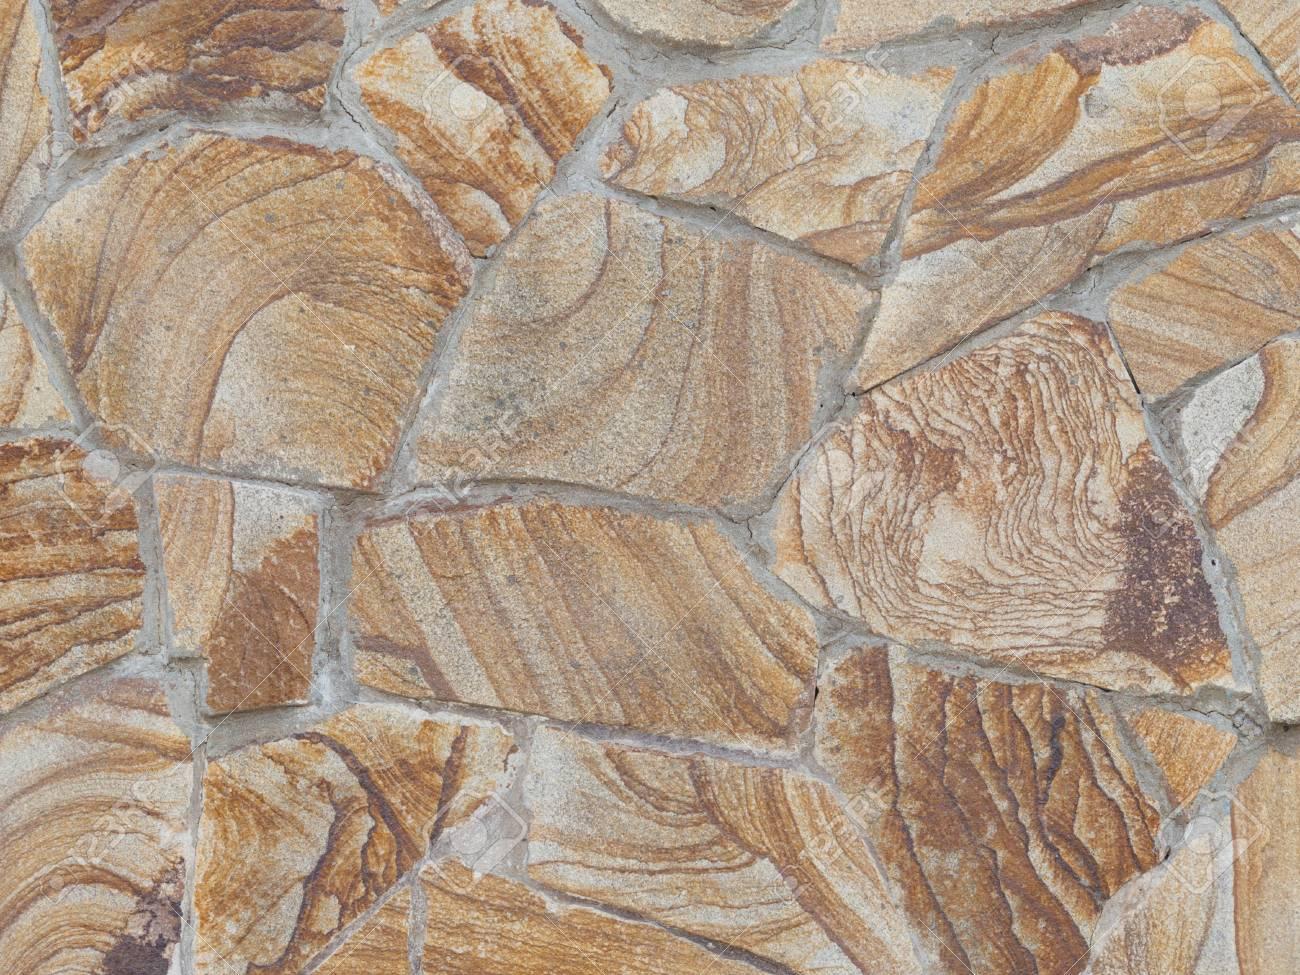 Dekorative Braune Wand Aus Naturstein Mit Schönen Bunten Flecken Und Ort  Standard Bild   38446629